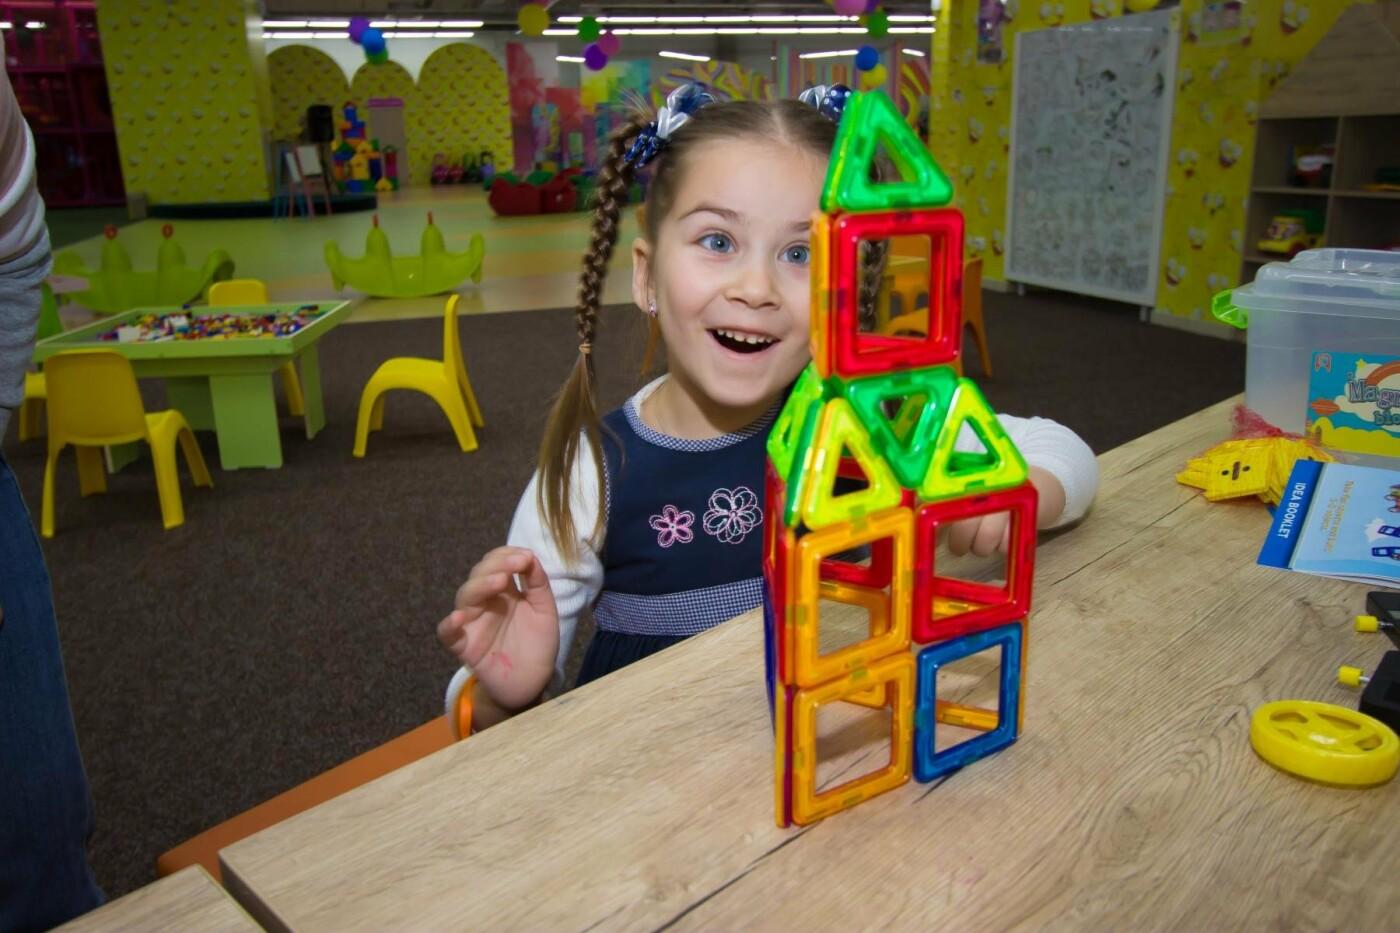 Магнитный конструктор – не только развлечение, но и современное развитие ребенка, фото-1